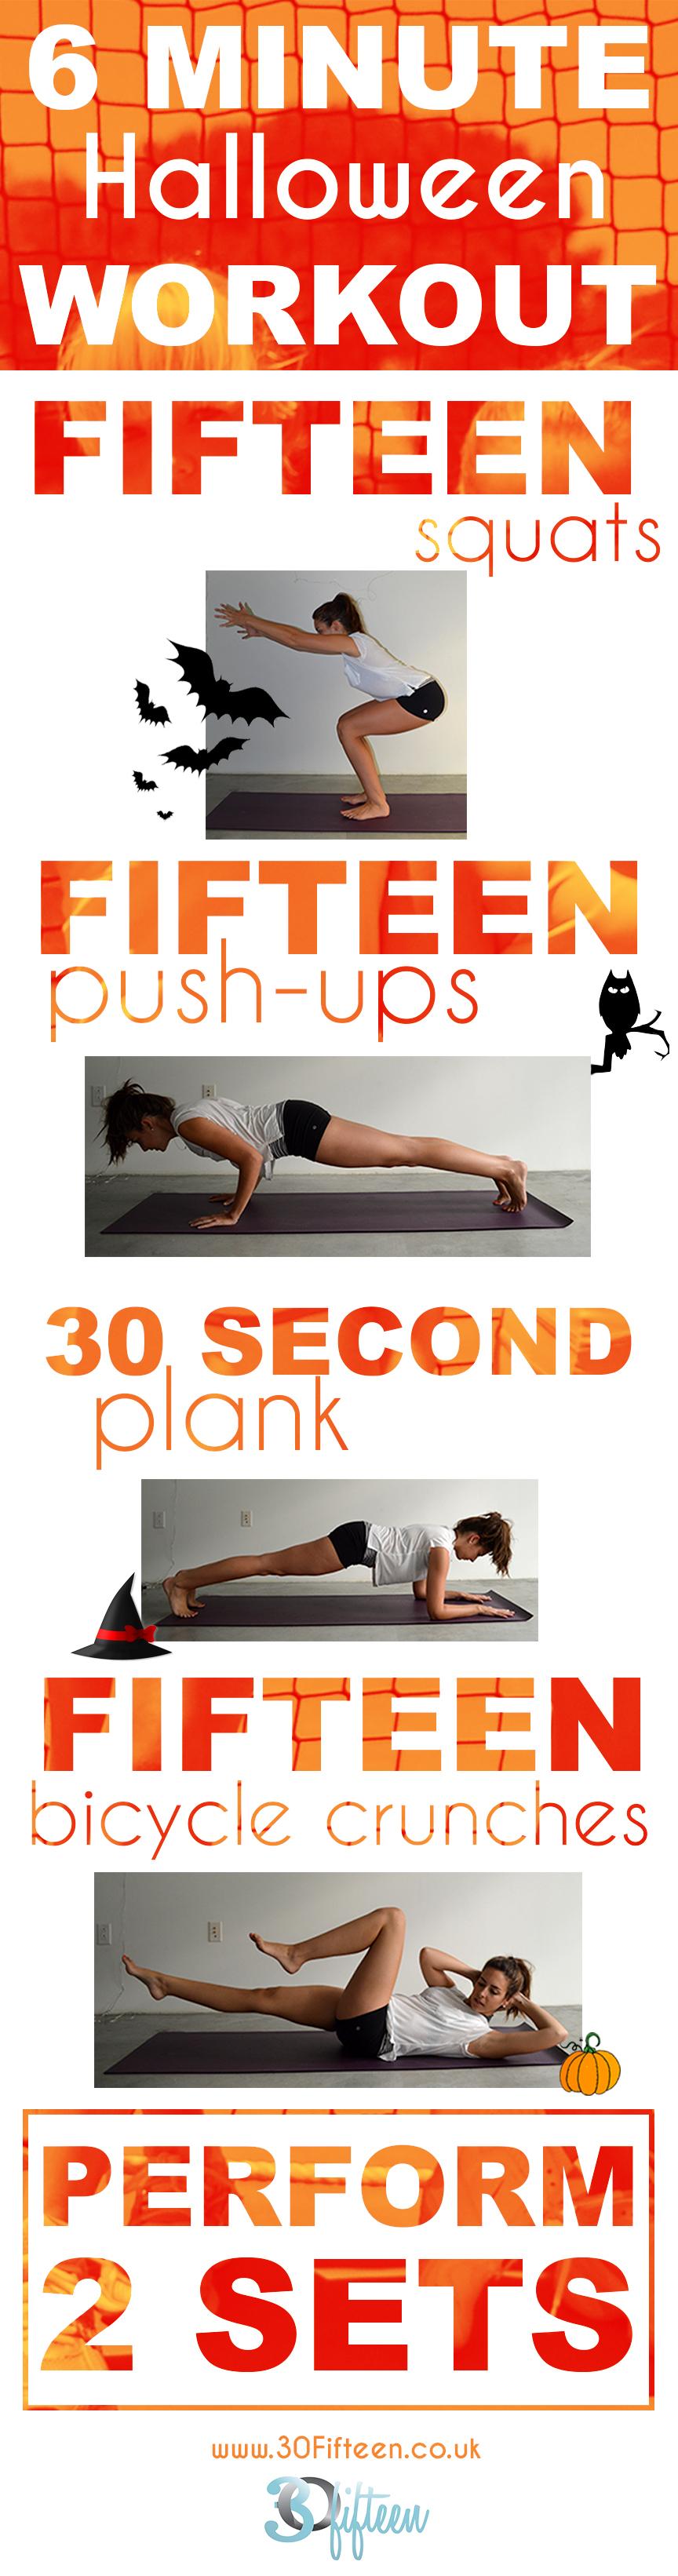 30Fifteen-halloween-workout